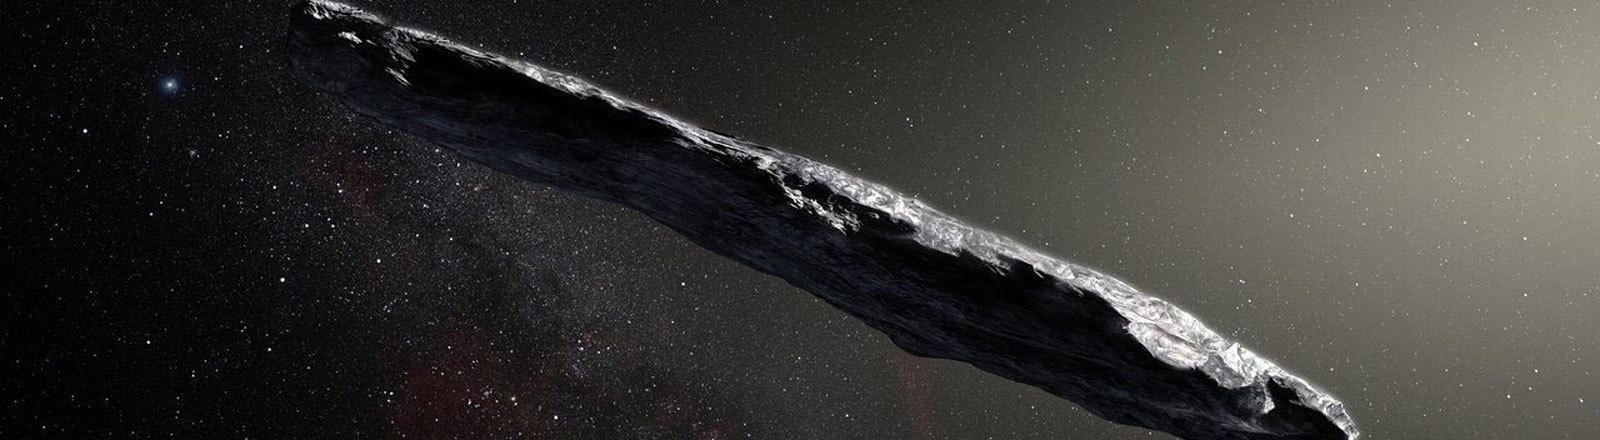 Zum ersten Mal haben Astronomen den Durchflug eines Asteroiden aus einem anderen Sonnensystem beobachtet.